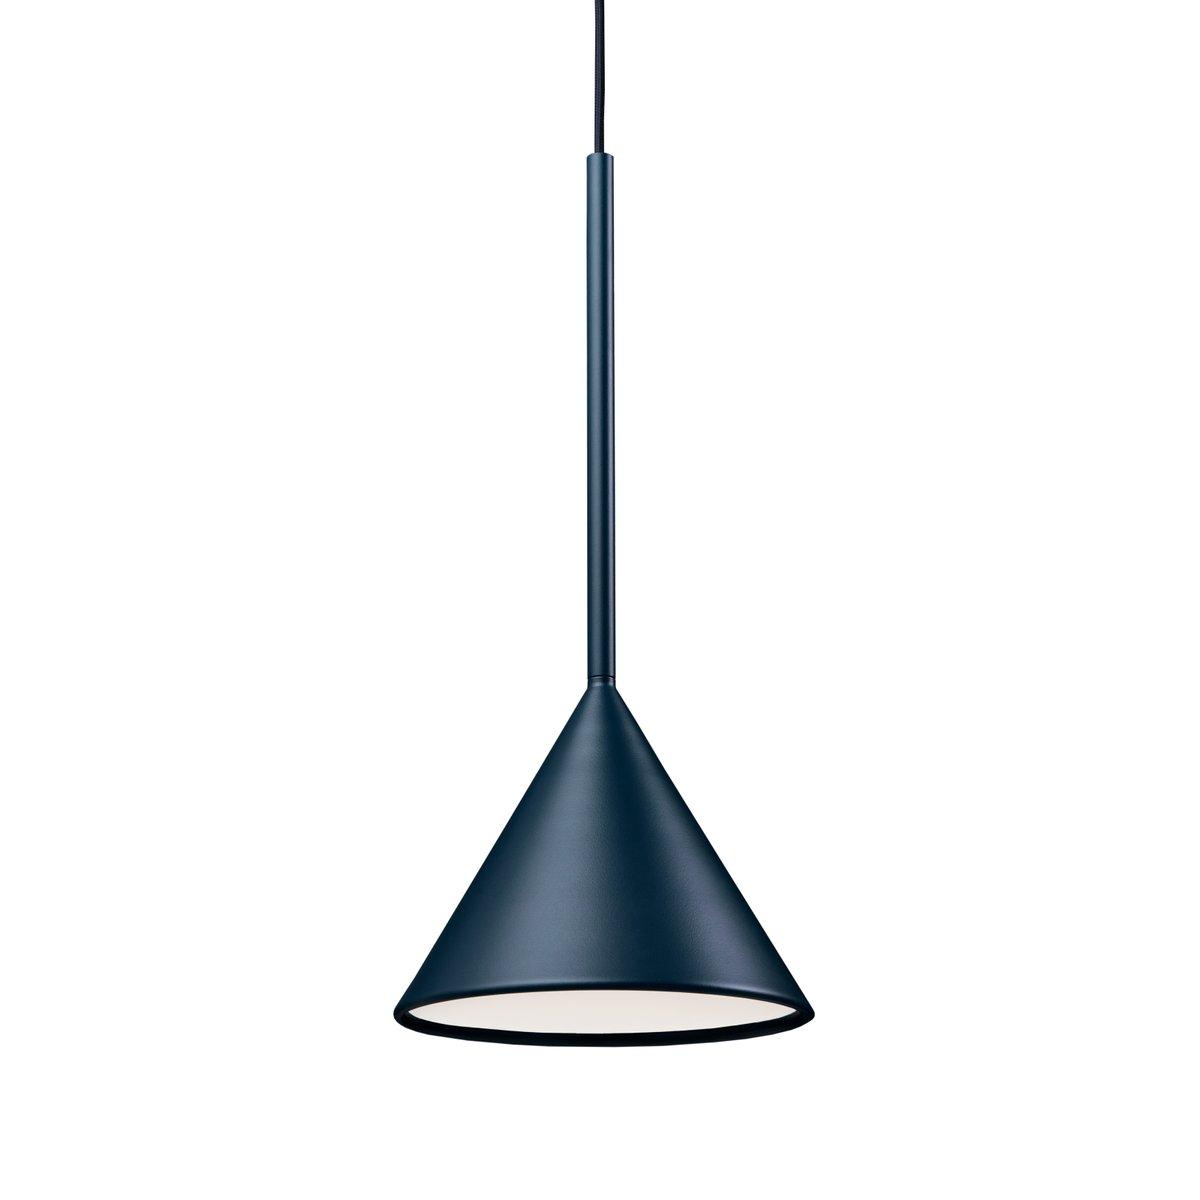 figura h ngelampe mit kegelf rmigem schirm in mitternachtsblau von schneid studio bei pamono kaufen. Black Bedroom Furniture Sets. Home Design Ideas